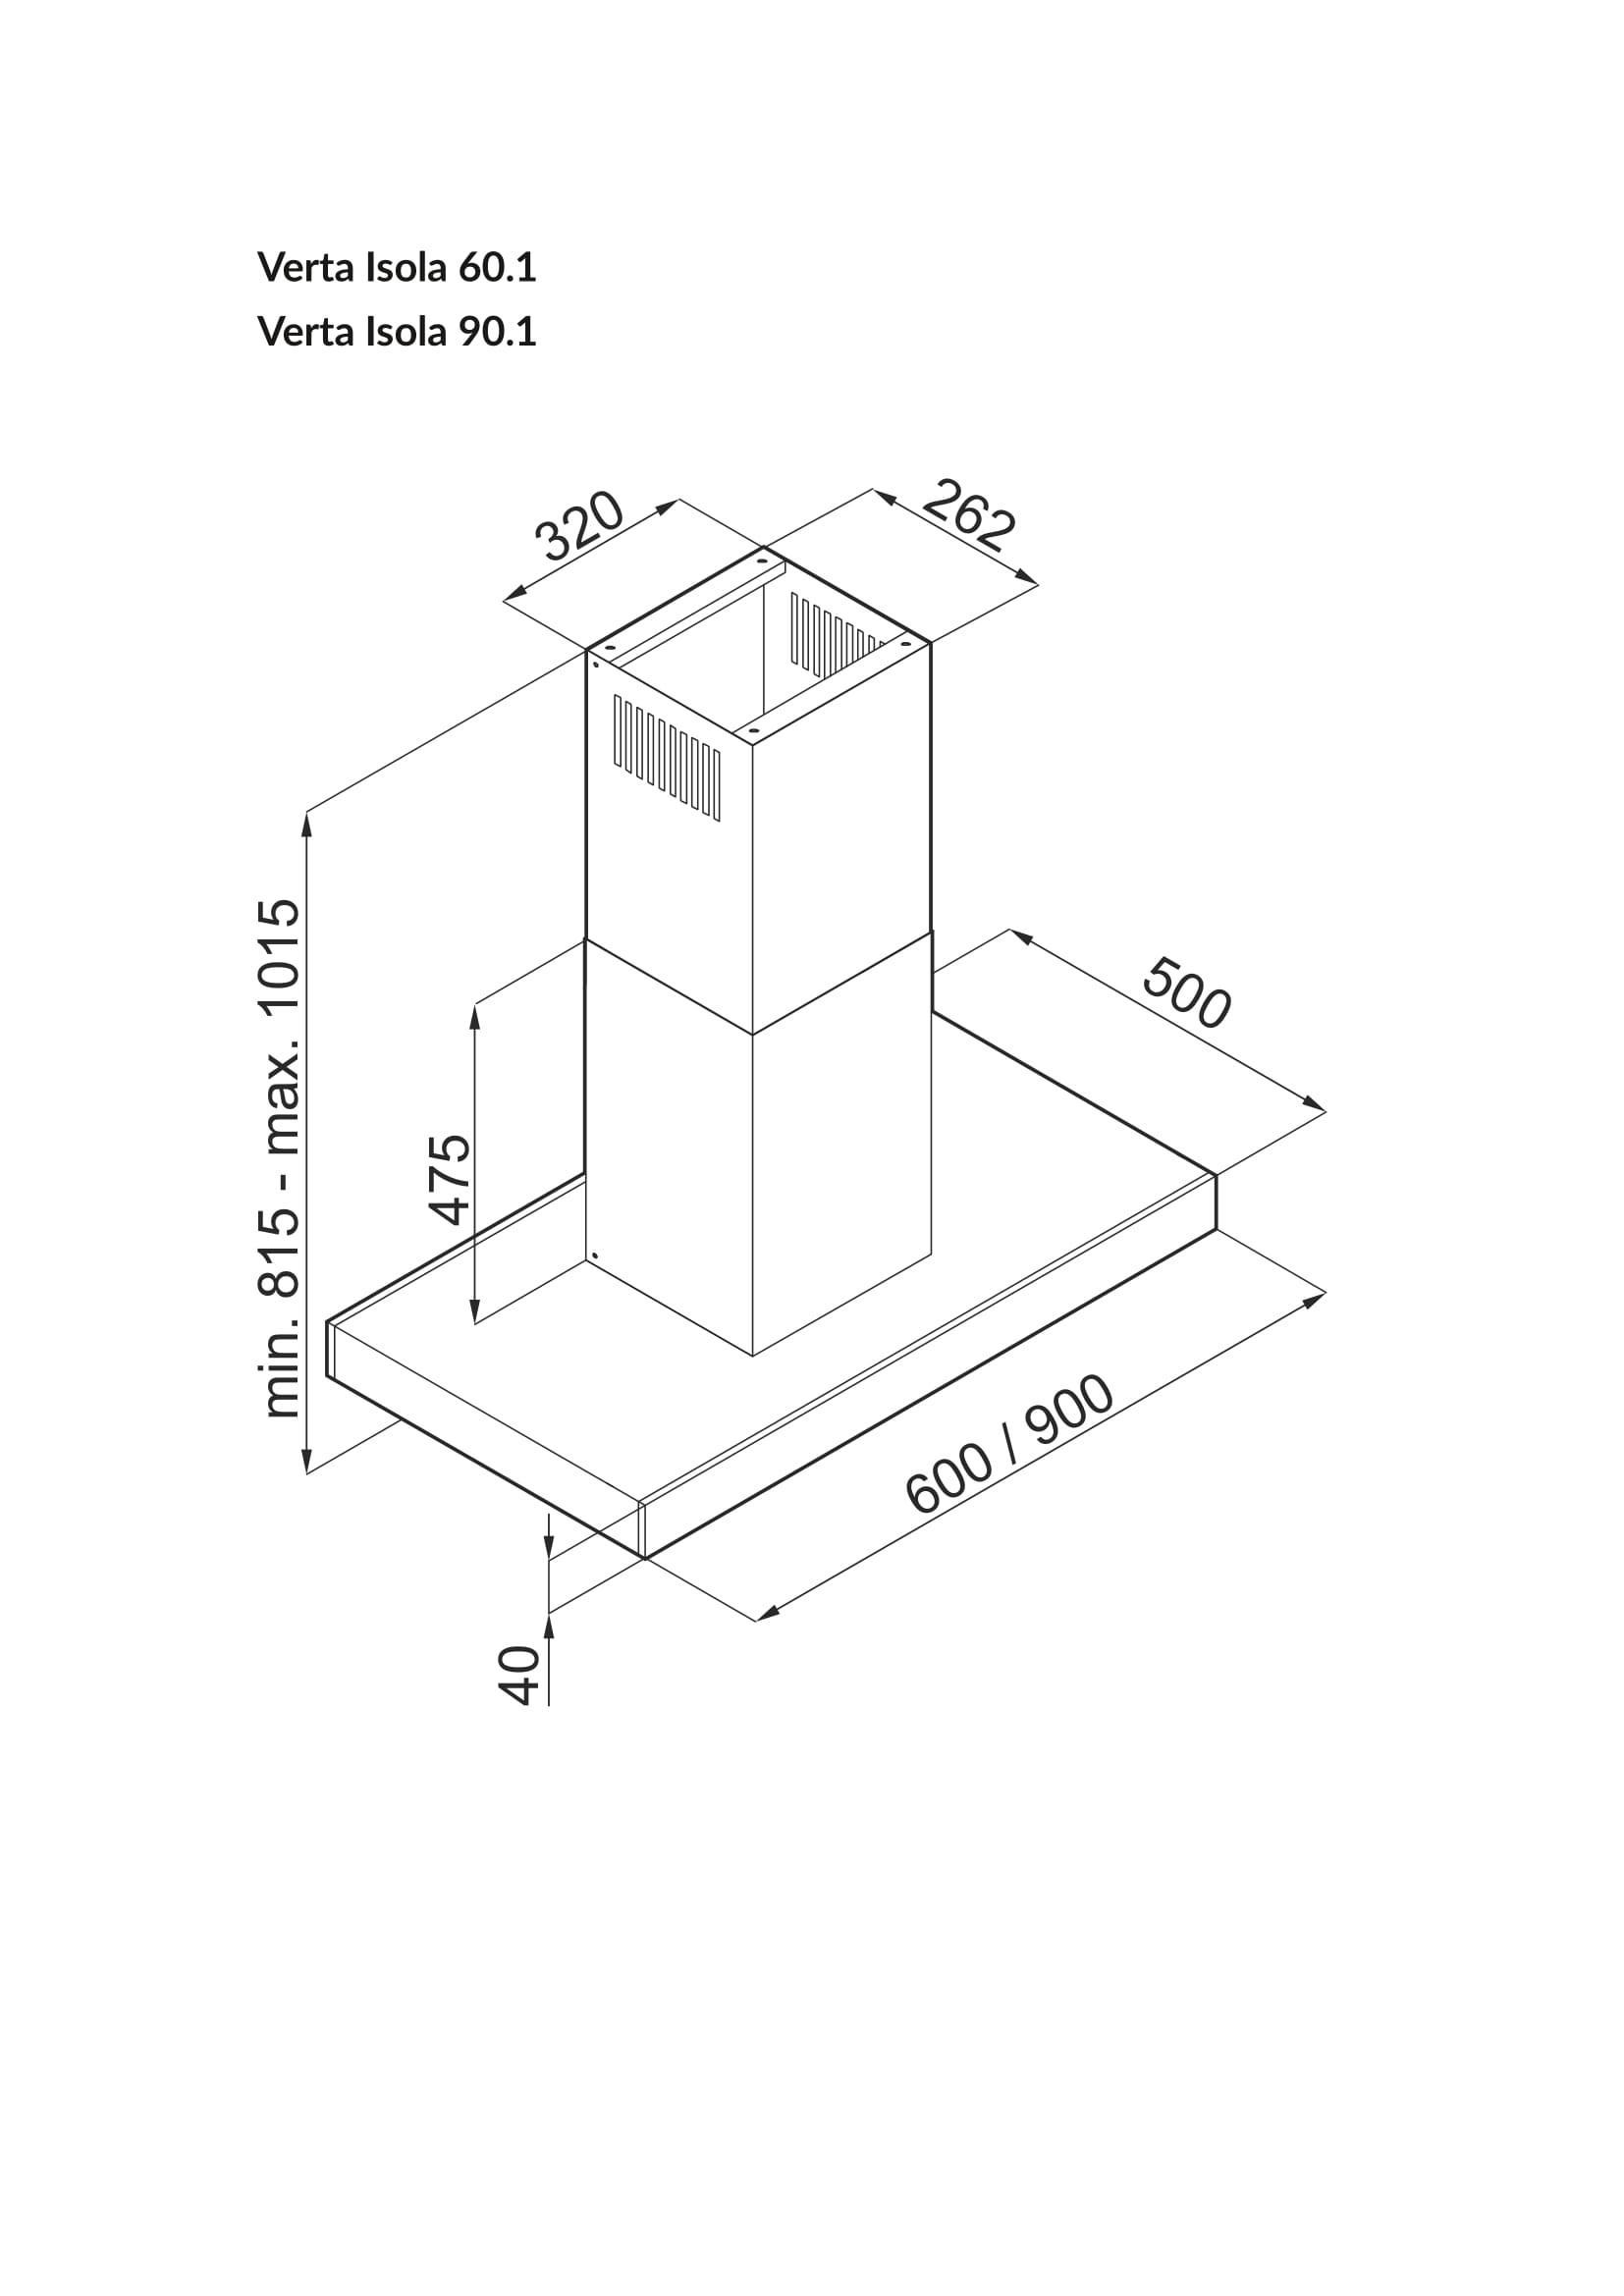 Okap wyspowy GLOBALO Rysunek techniczny Verta Isola 60-90-1